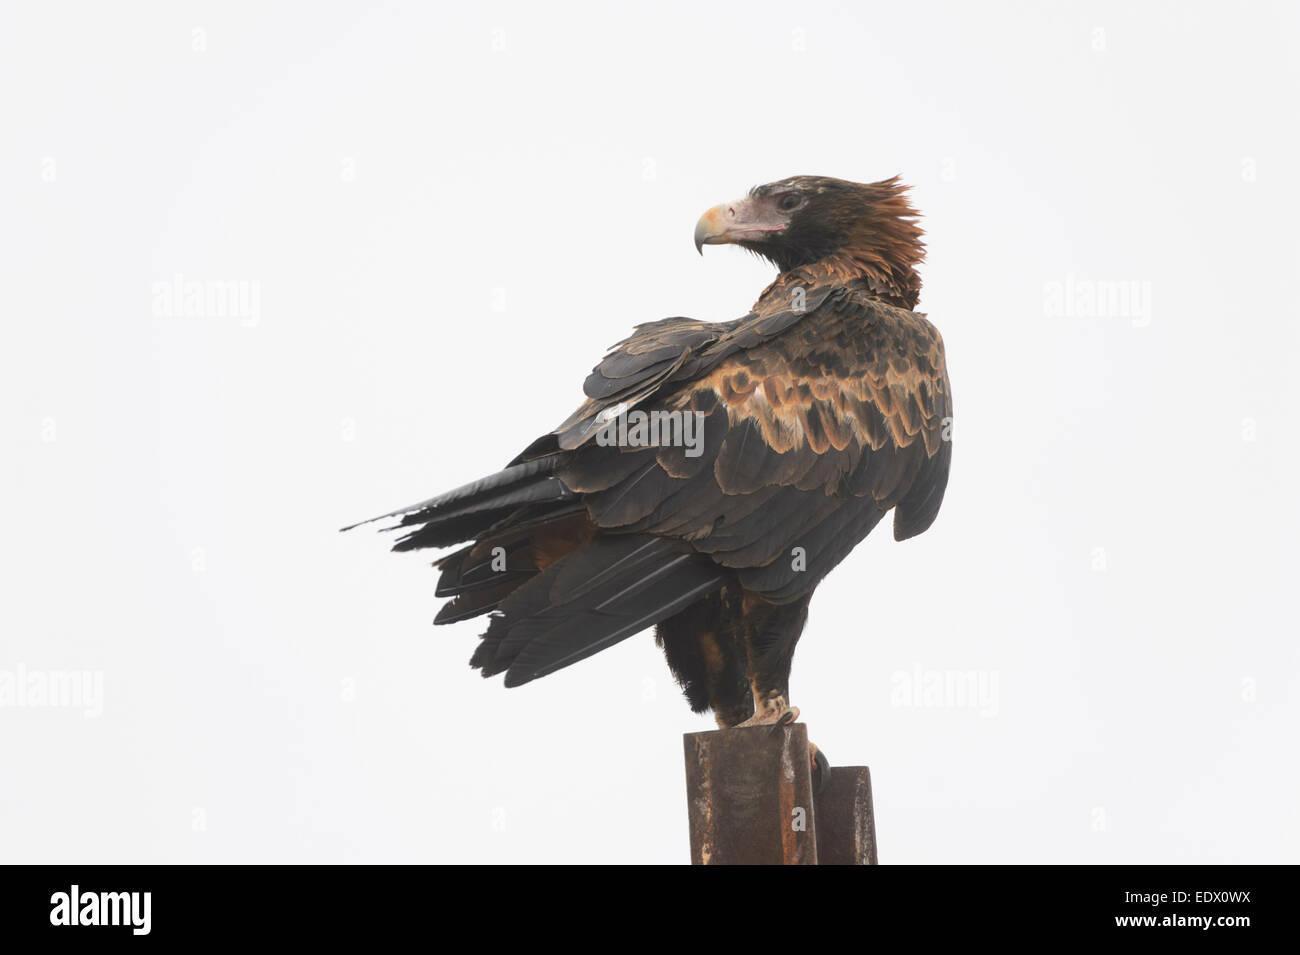 Wedge-tailed Eagle, Aquila audax, South Australia Stock Photo